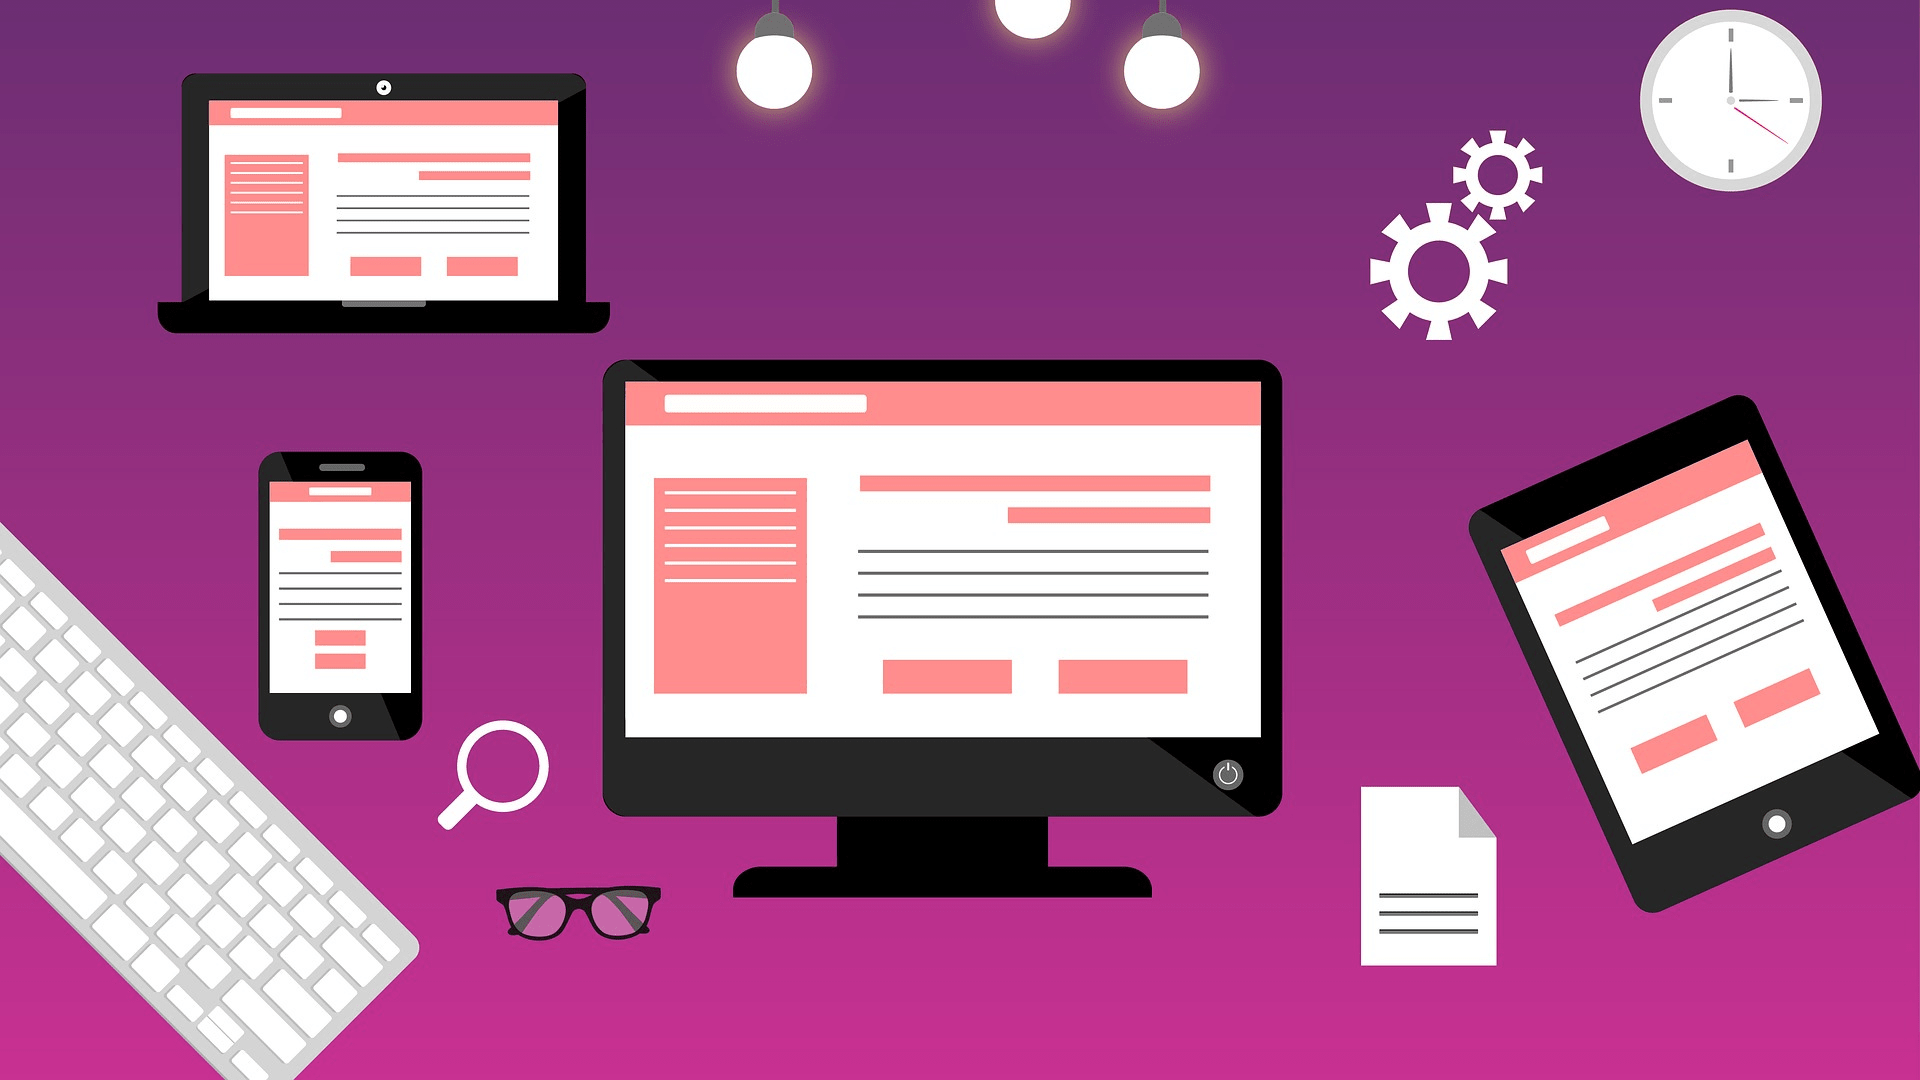 5 consigli per migliorare la User Experience del tuo e-commerce